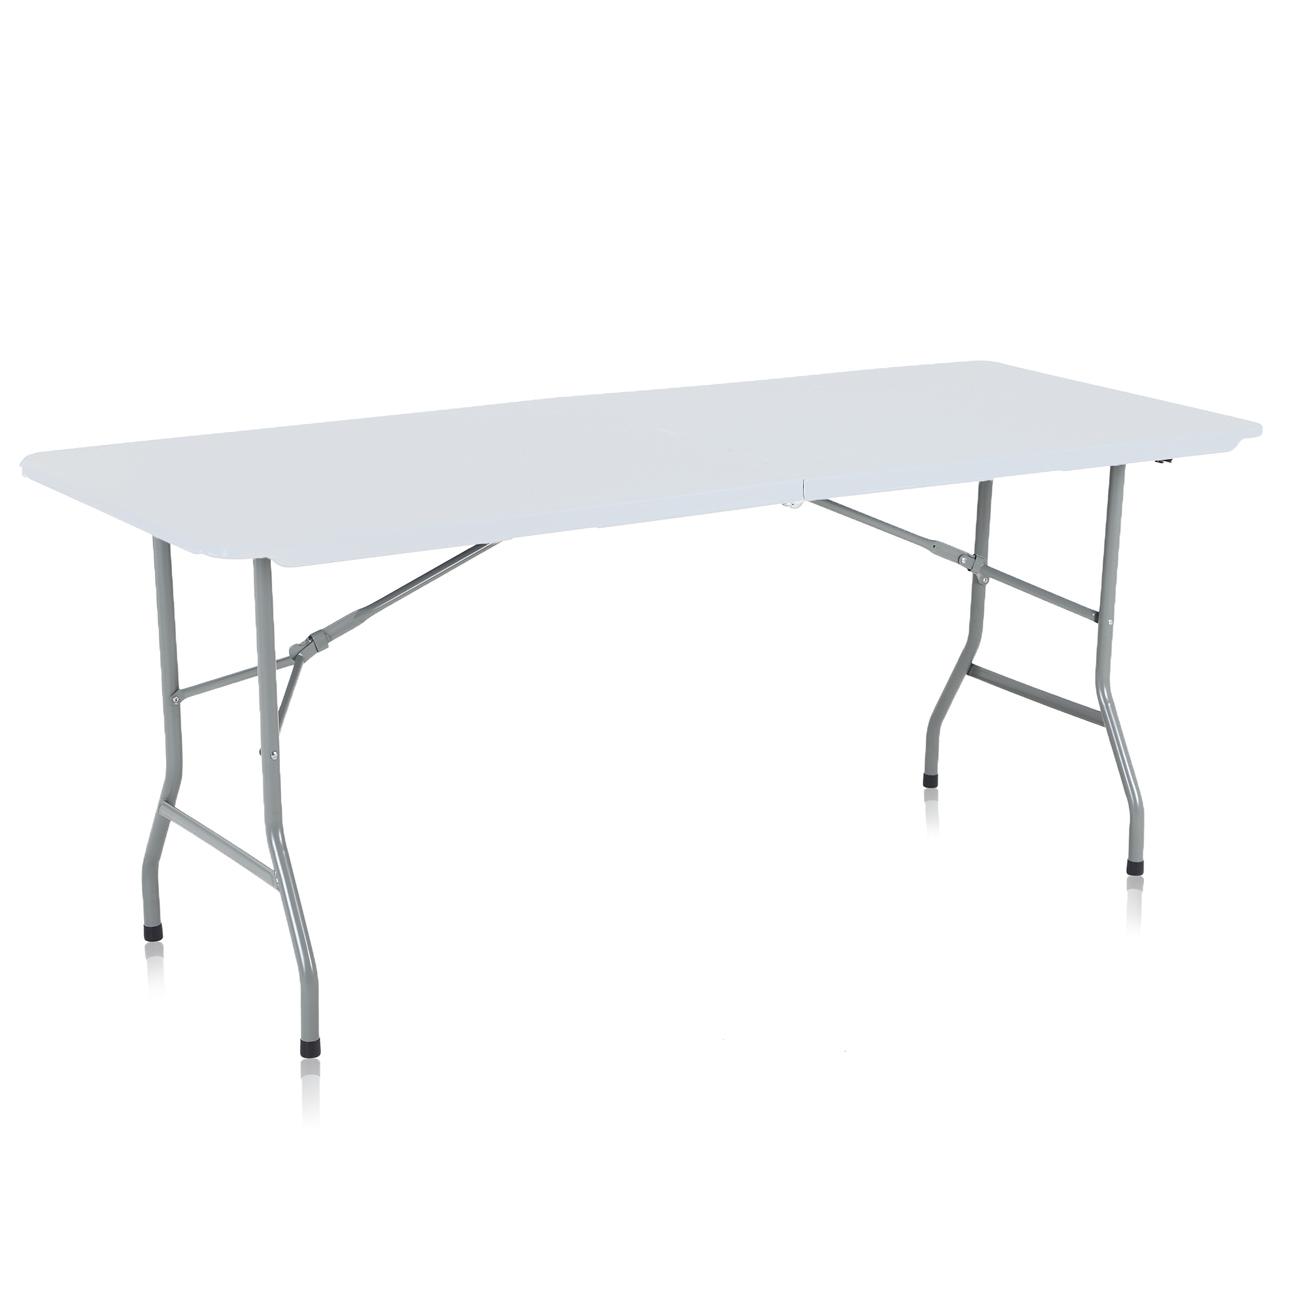 Strattore Table de Jardin en Plastique - Pliable 180 x 70 x 74 cm en Blanc  Modèle 2018 | MA Trading